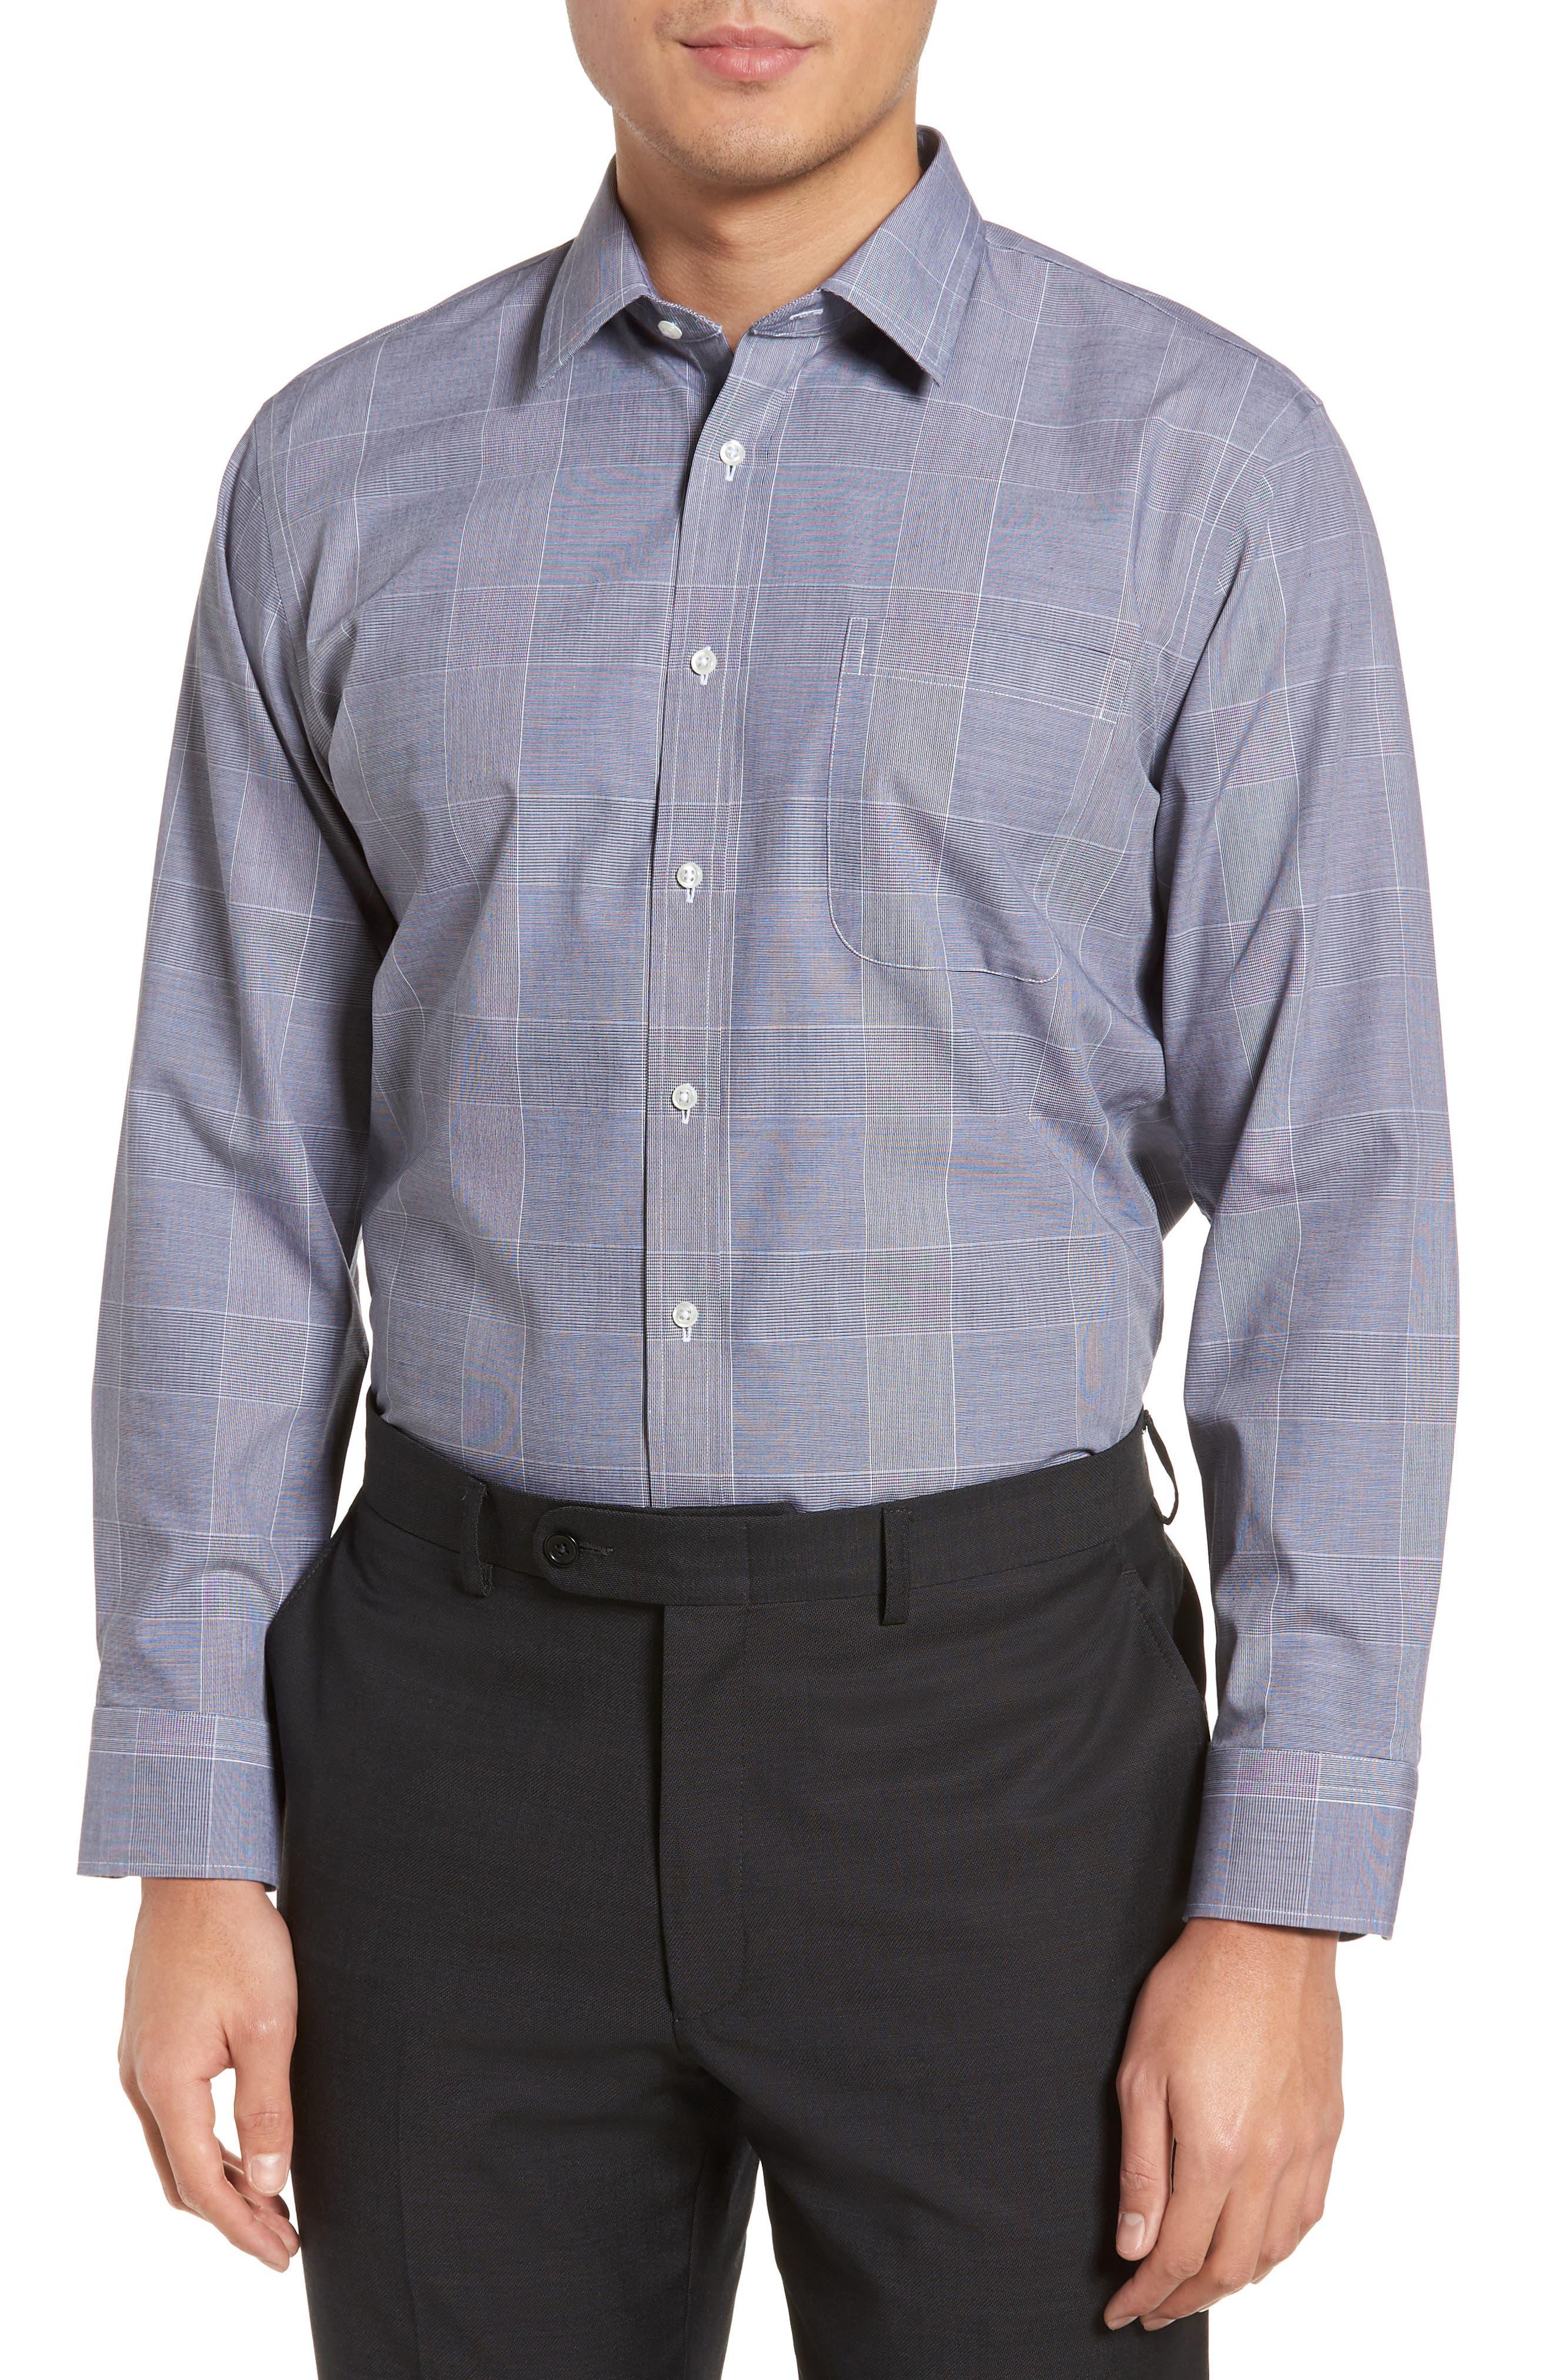 Main Image - Nordstrom Men's Shop Smartcare™ Trim Fit Plaid Dress Shirt